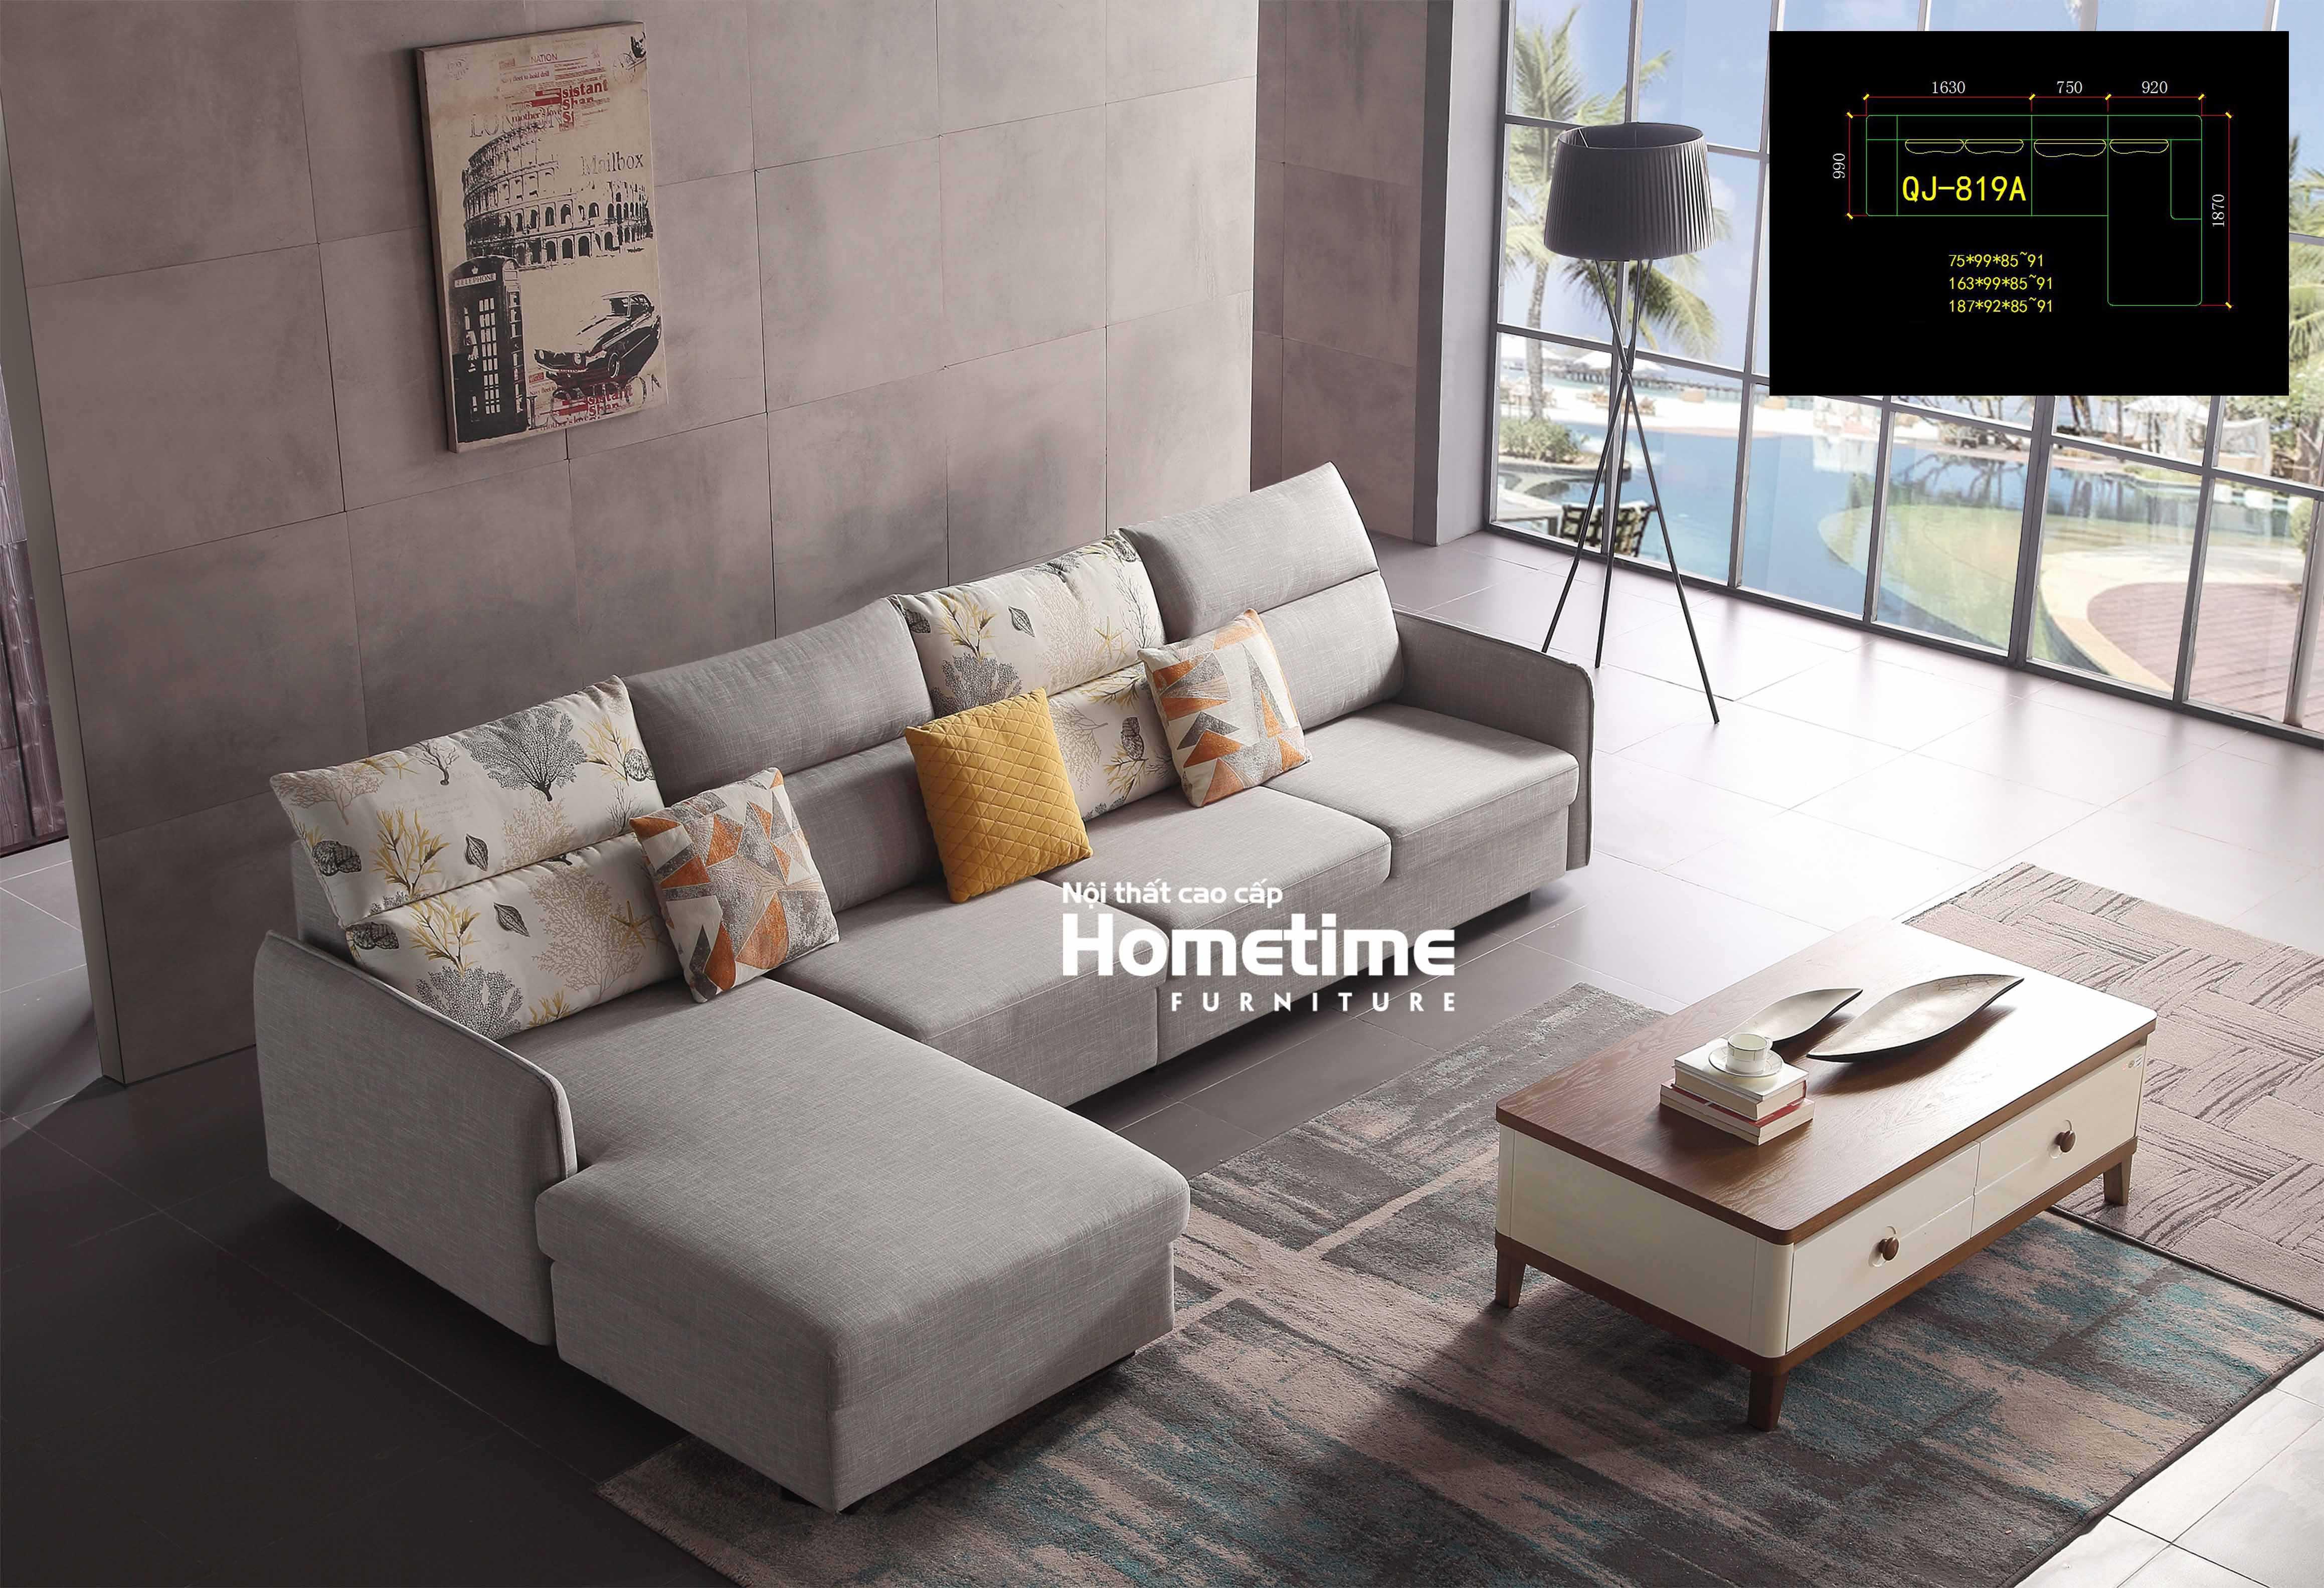 Sofa nỉ màu ghi nhập khẩu QJ819A